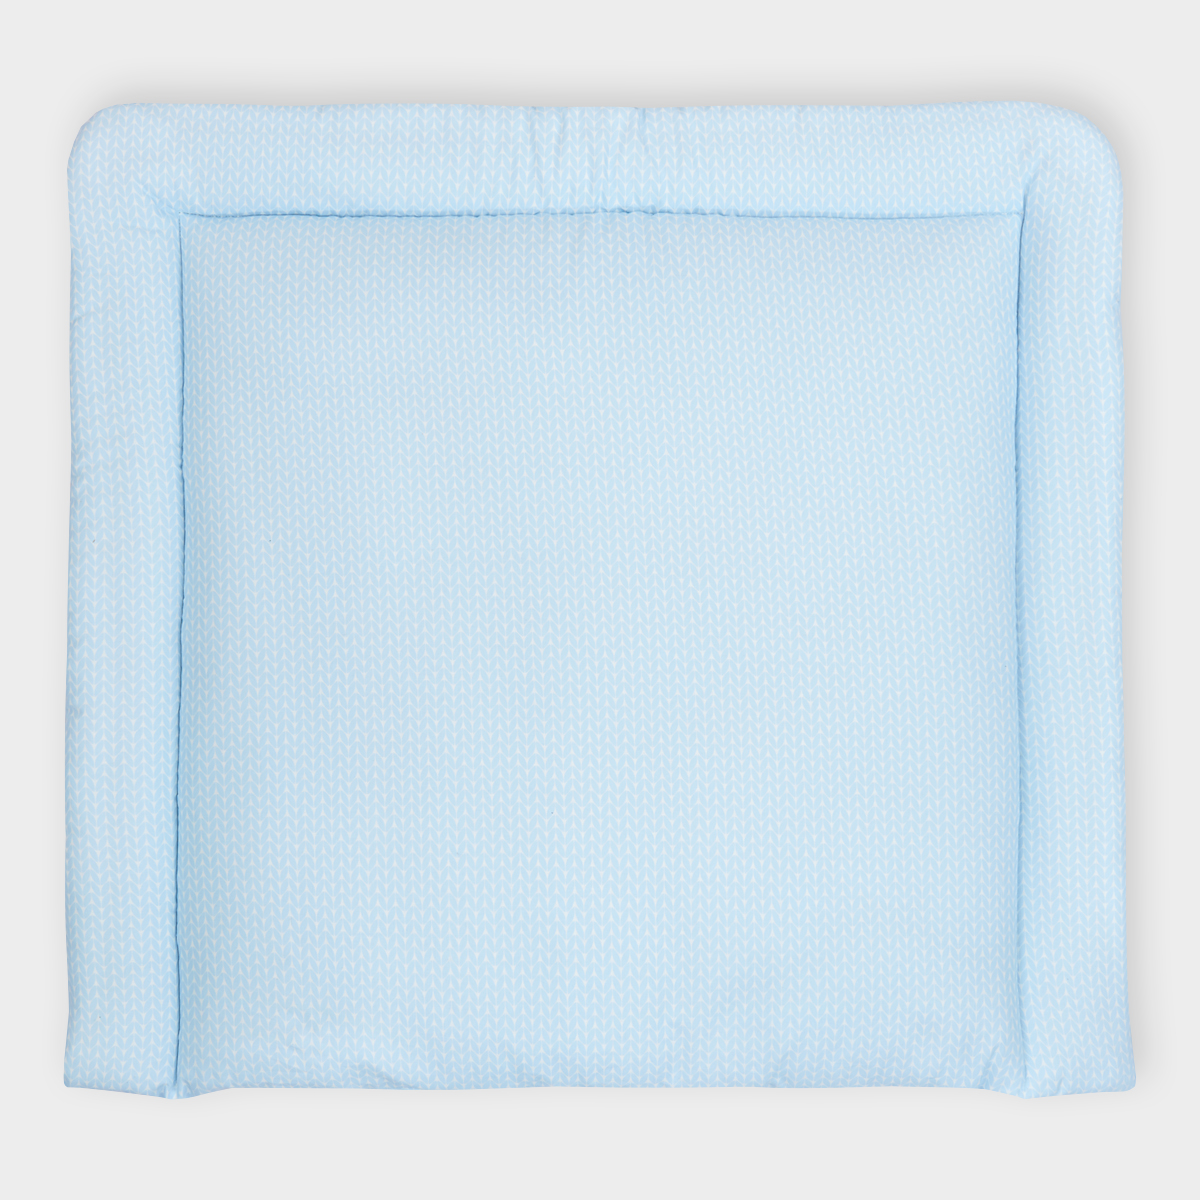 kraftkids wickelauflage kleine bl tter hellblau auf wei. Black Bedroom Furniture Sets. Home Design Ideas